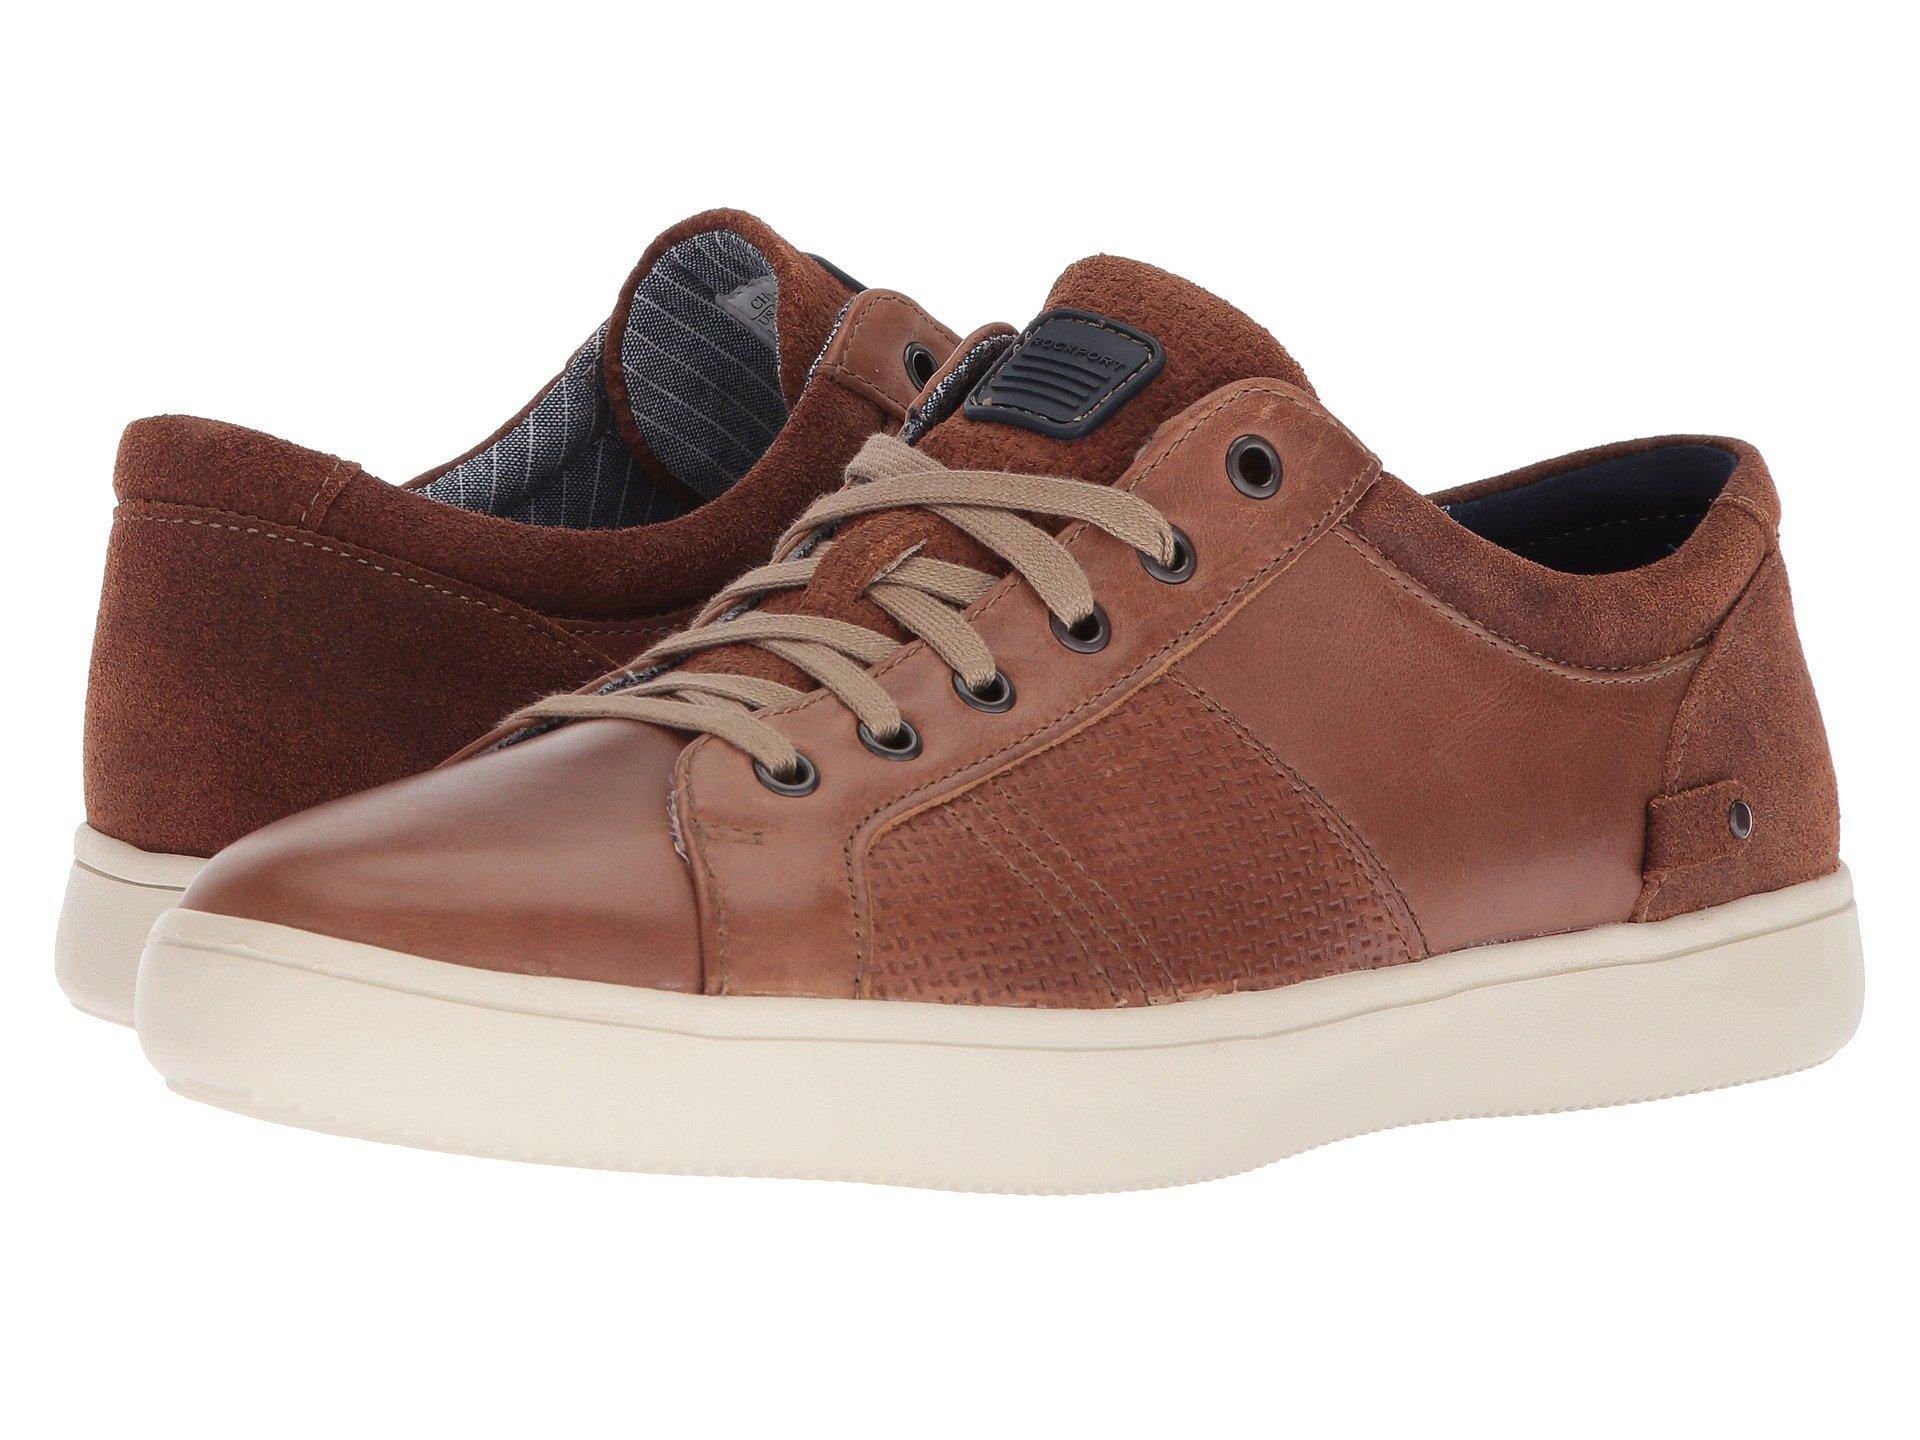 c4e9914b0 Men s Tan Shoes + FREE SHIPPING